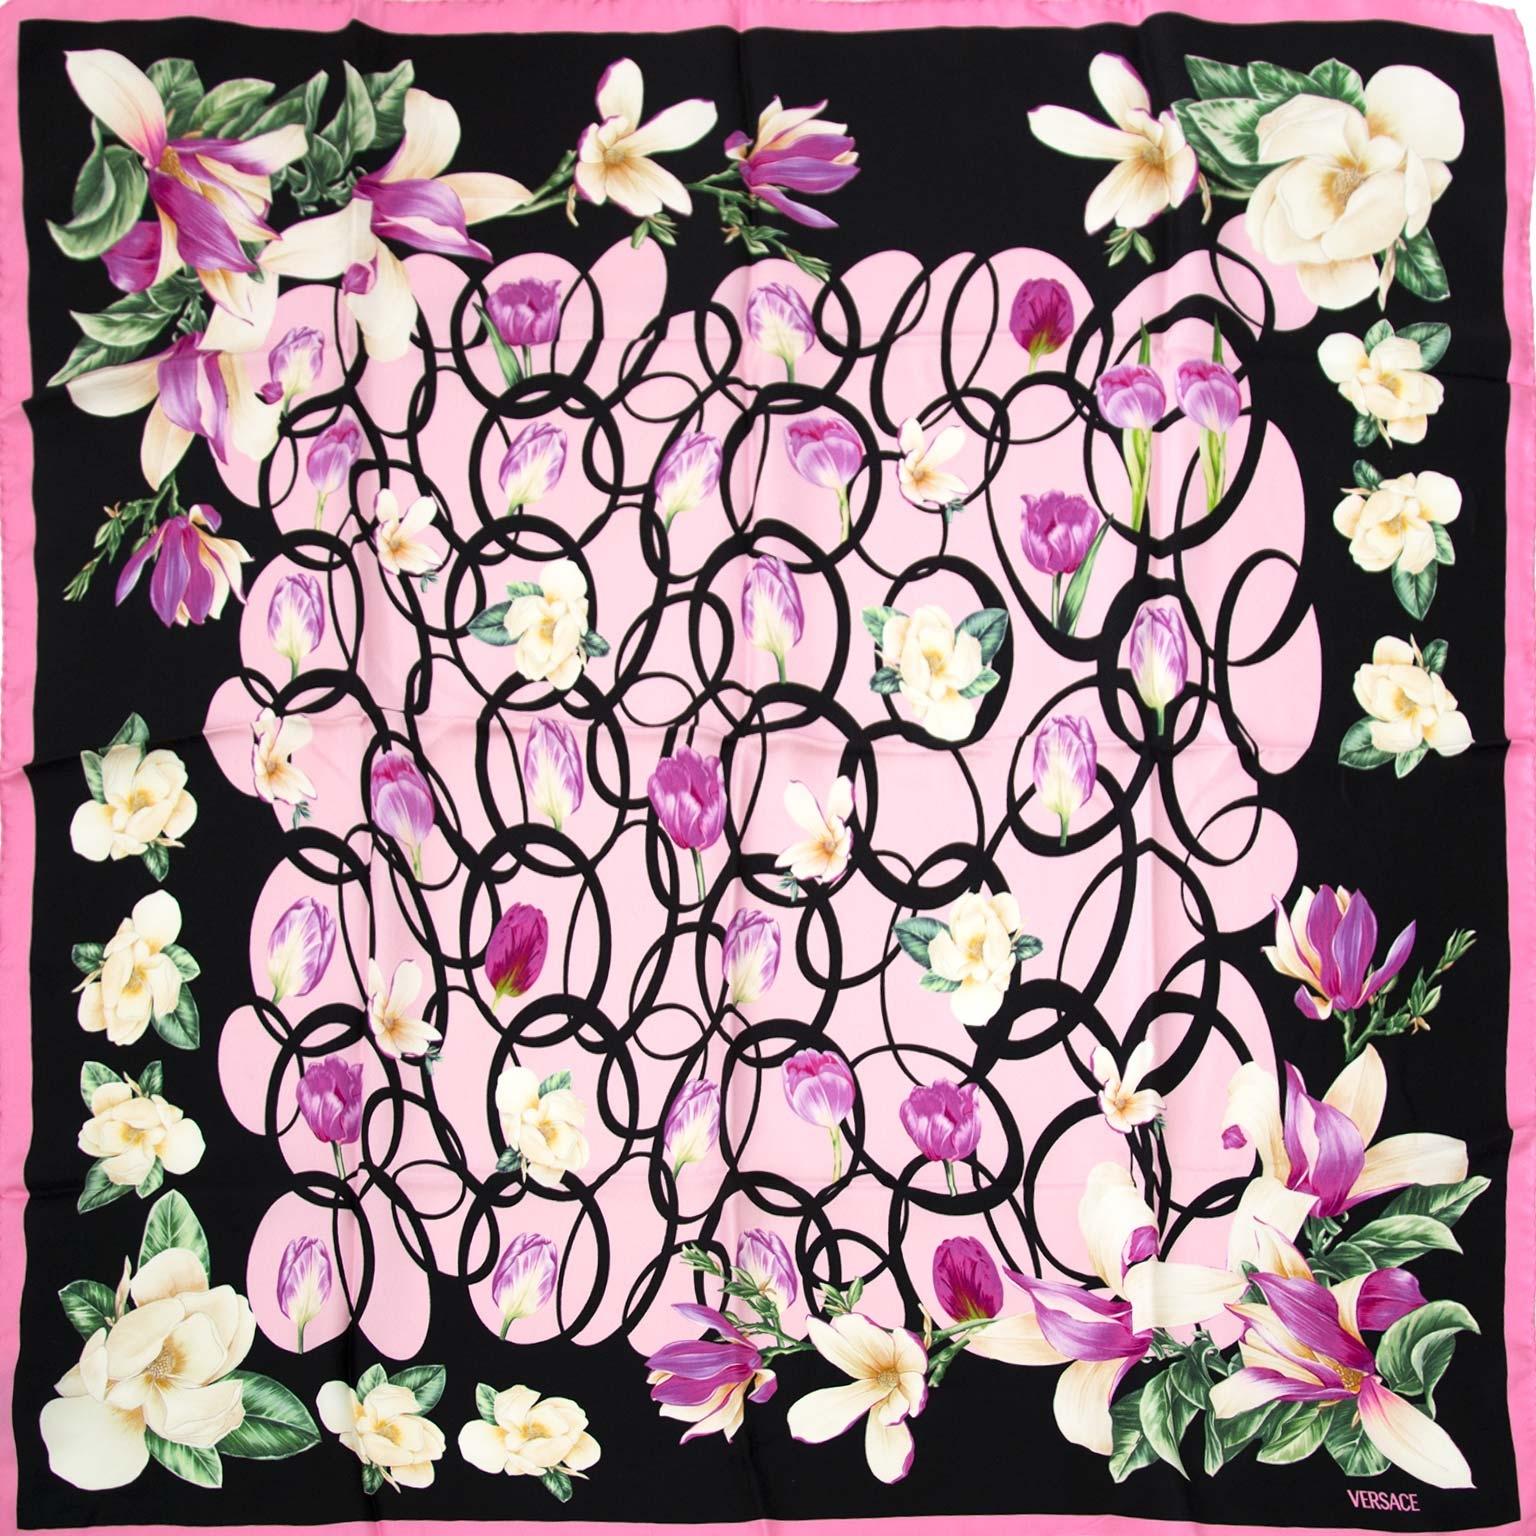 koop authentieke tweedehands Versace sjaals bij Labellov vintage fashion webshop antwerpen belgië